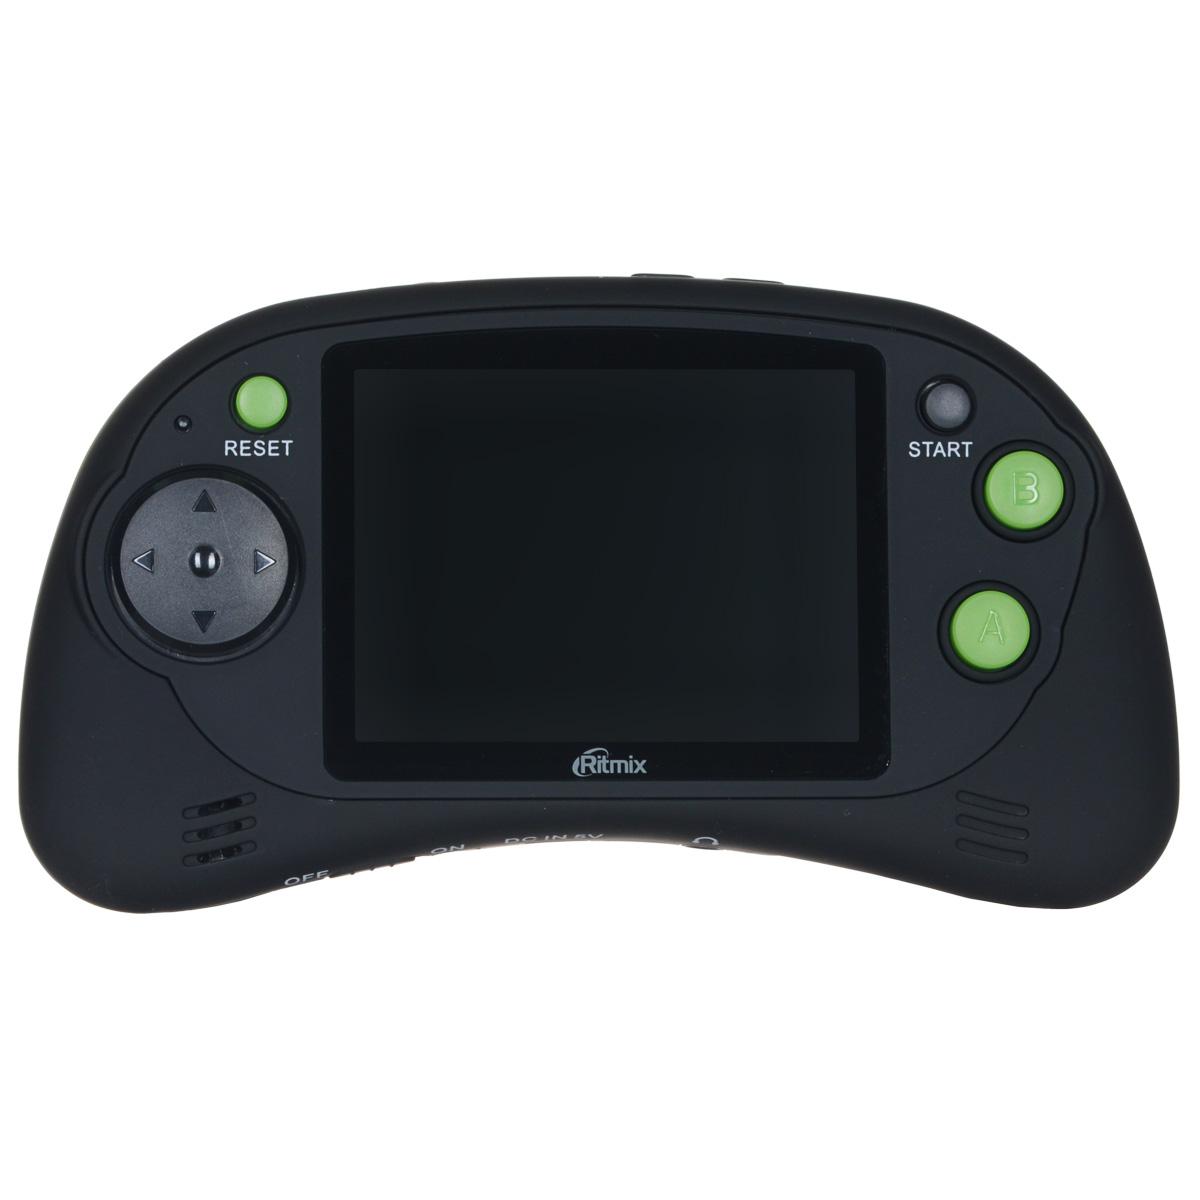 Портативная игровая приставка Ritmix RZX-20 (черная)15117693Ritmix RZX-20 - привлекательная многофункциональная консоль со 150 играми множества жанров! Представлены спортивные игры, стрелялки, леталки, бродилки и т.д. RZX-20 отличается удобной конструкцией с резиновым покрытием; устройство оснащено дисплеем высокого разрешения с диагональю 2,7 дюйма. USB разъём позволяет подключить консоль к обычной USB зарядке и навсегда избавиться от батареек! А выход на телевизор превращает портативную приставку в домашнюю. Игровая приставка рекомендована для детей от 6 лет. Питание: 3 x AAA, USB Разъемы: USB 2.0, AV, выход на наушники (jack 3.5 мм)